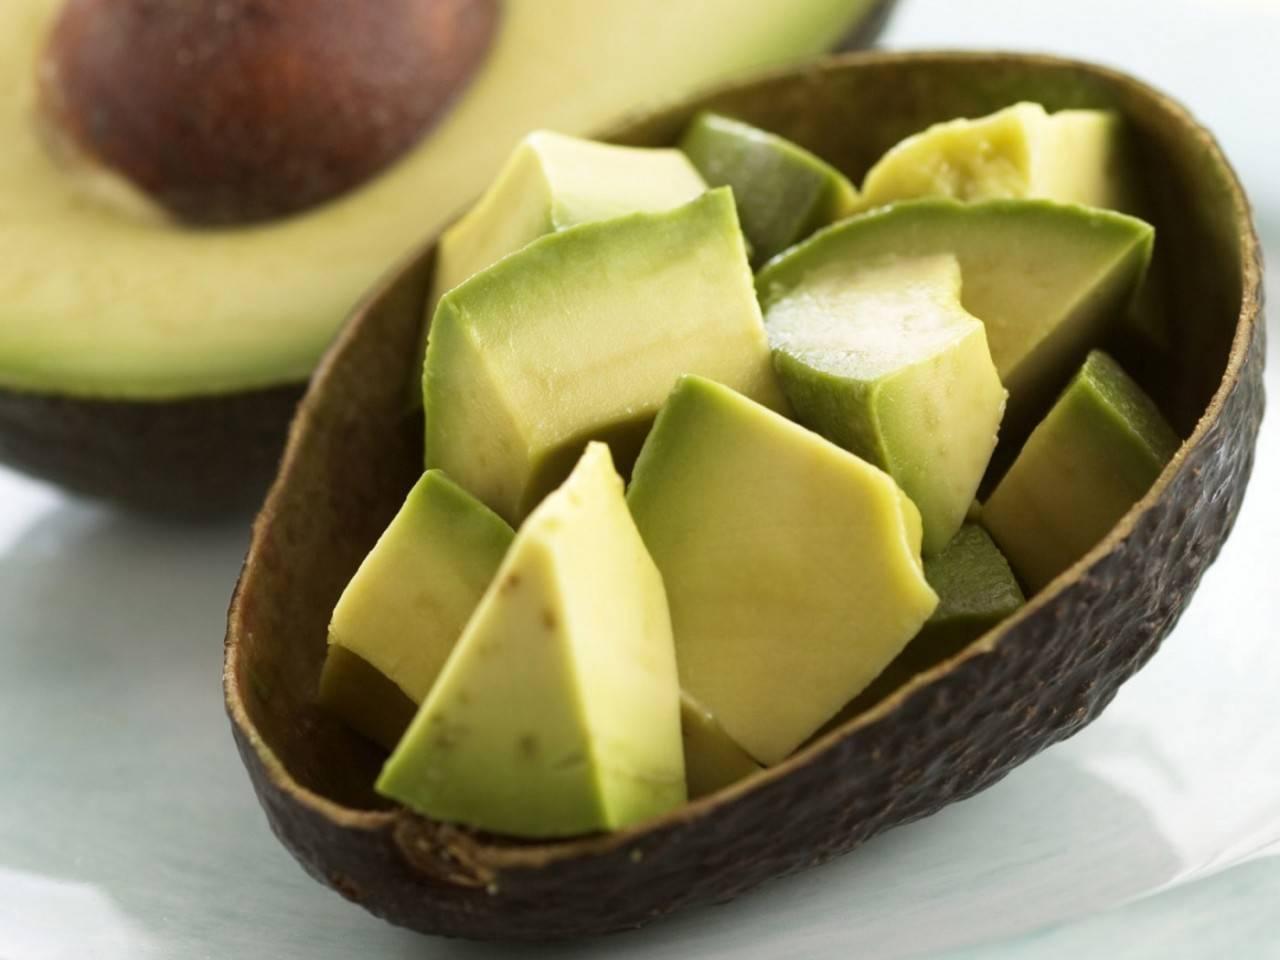 Диета на авокадо — легко переносится и полезна для здоровья